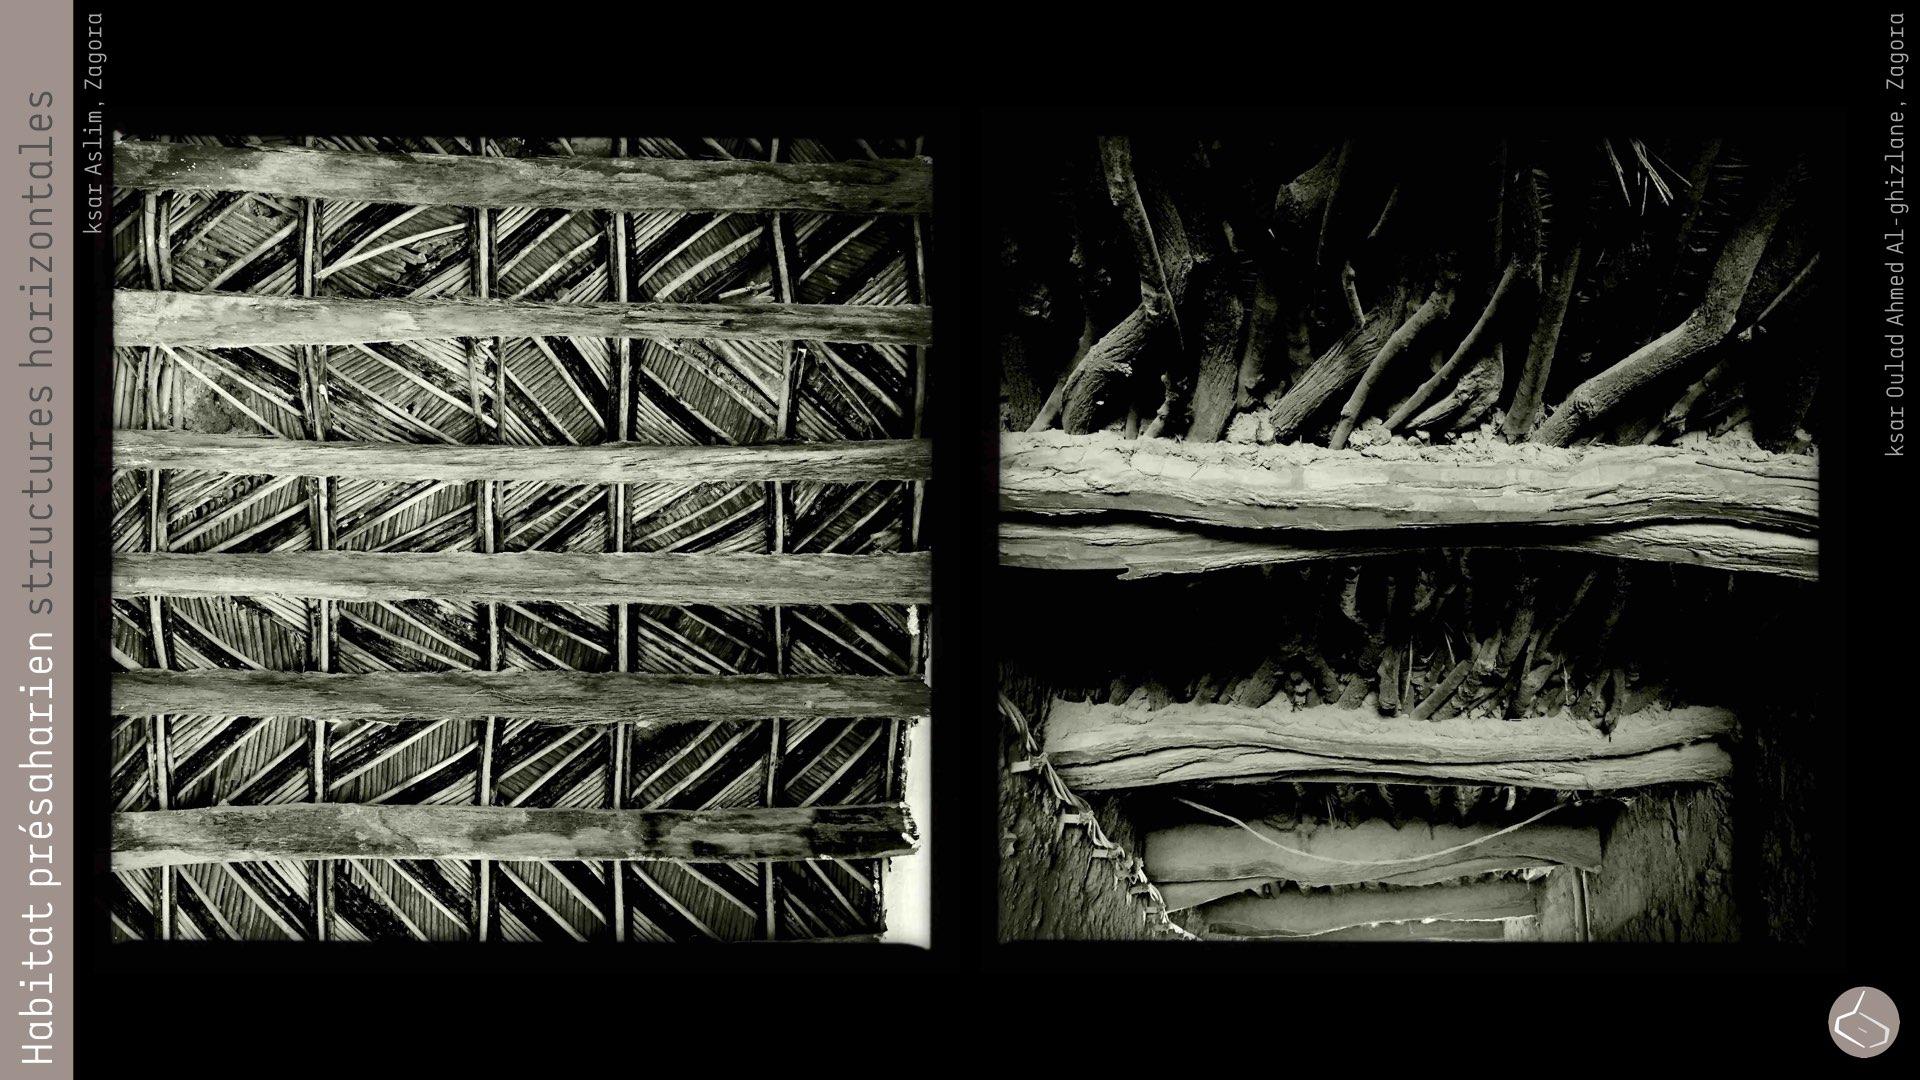 44. Il faut insister, ce n'est pas ni la terre ni le bois les responsables des principales pathologies constructives, mais l'eau. Bien si l'emploi du bois de palmier implique des contraintes spatiales (puisque la portée des poutres se limite à 2,5-3,00m), les pièces restent très petites et pas trop pratiques. Néanmoins, il n'y a que le bois de palmier, il y a des régions ou des oasis comme M'hamid, où les gens construisent avec le bois de tamarix qui est plus résistant.       44. We have to say that it is not the earth or wood the main constructive pathologies, but water. Even if the use of palm wood involves spatial restrictions (the beam spans are limited to 2,5-3,00m), the rooms are very small and comfortless. Nevertheless, it is not just the palm wood people use, there are regions, as M'hamid oasis, where people built with the wood of tamarisk that is more resistant.